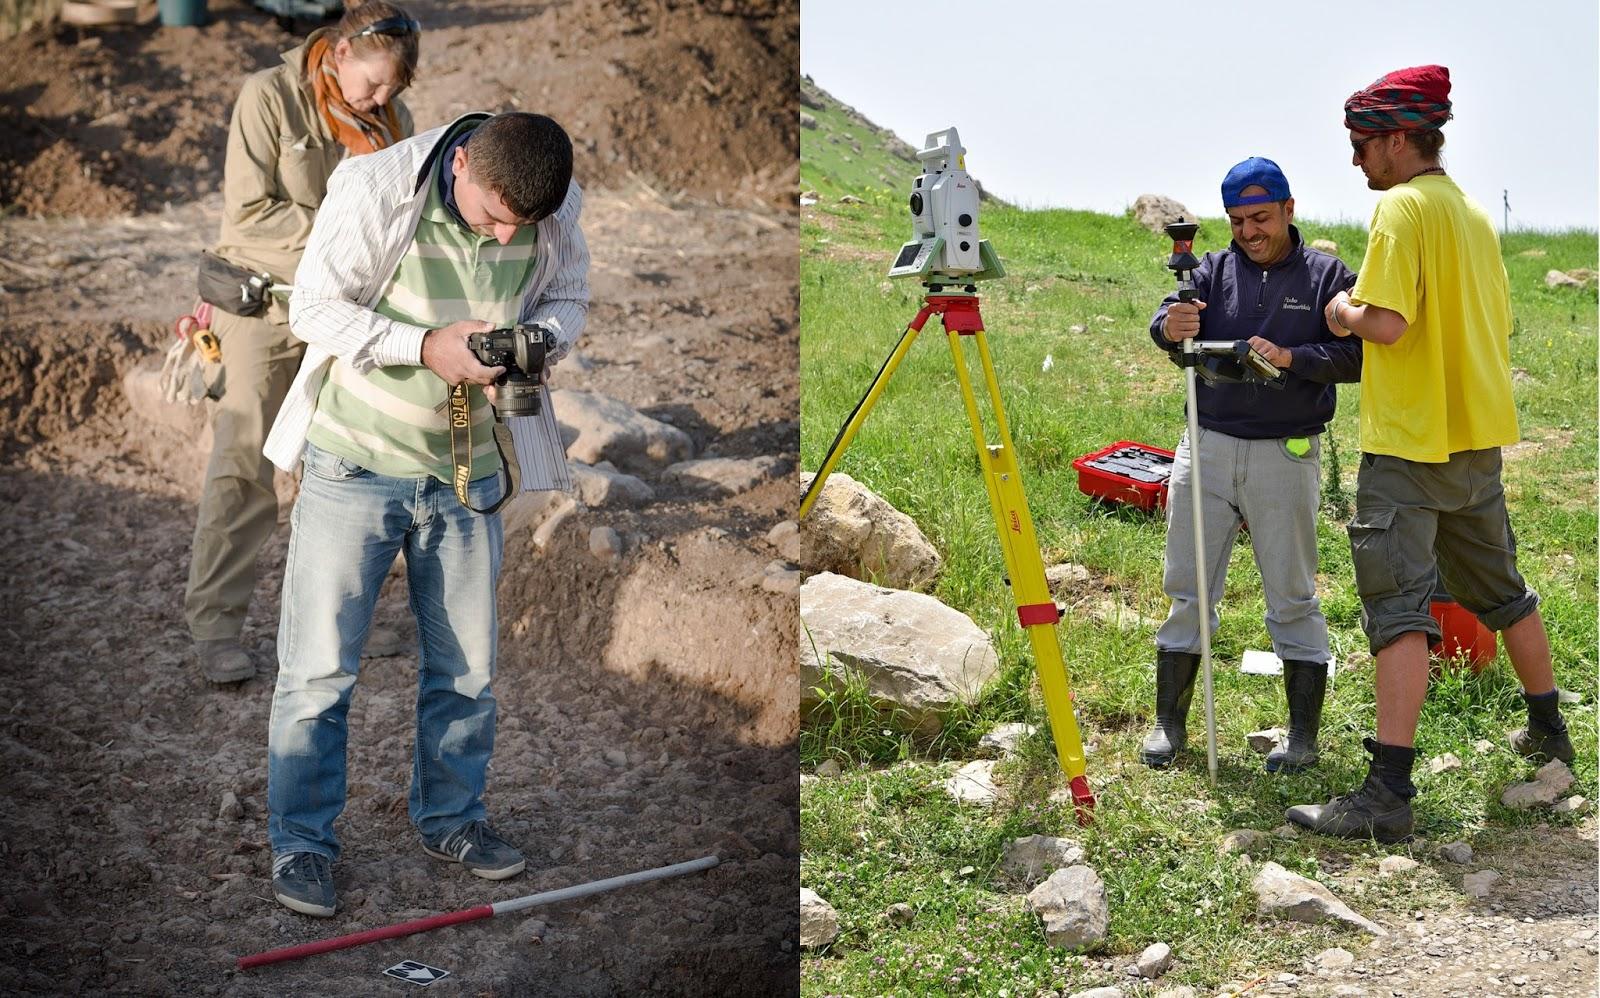 Εκπαιδευόμενοι αρχαιολόγοι στο Ιράκ. Φωτογραφία: British Museum